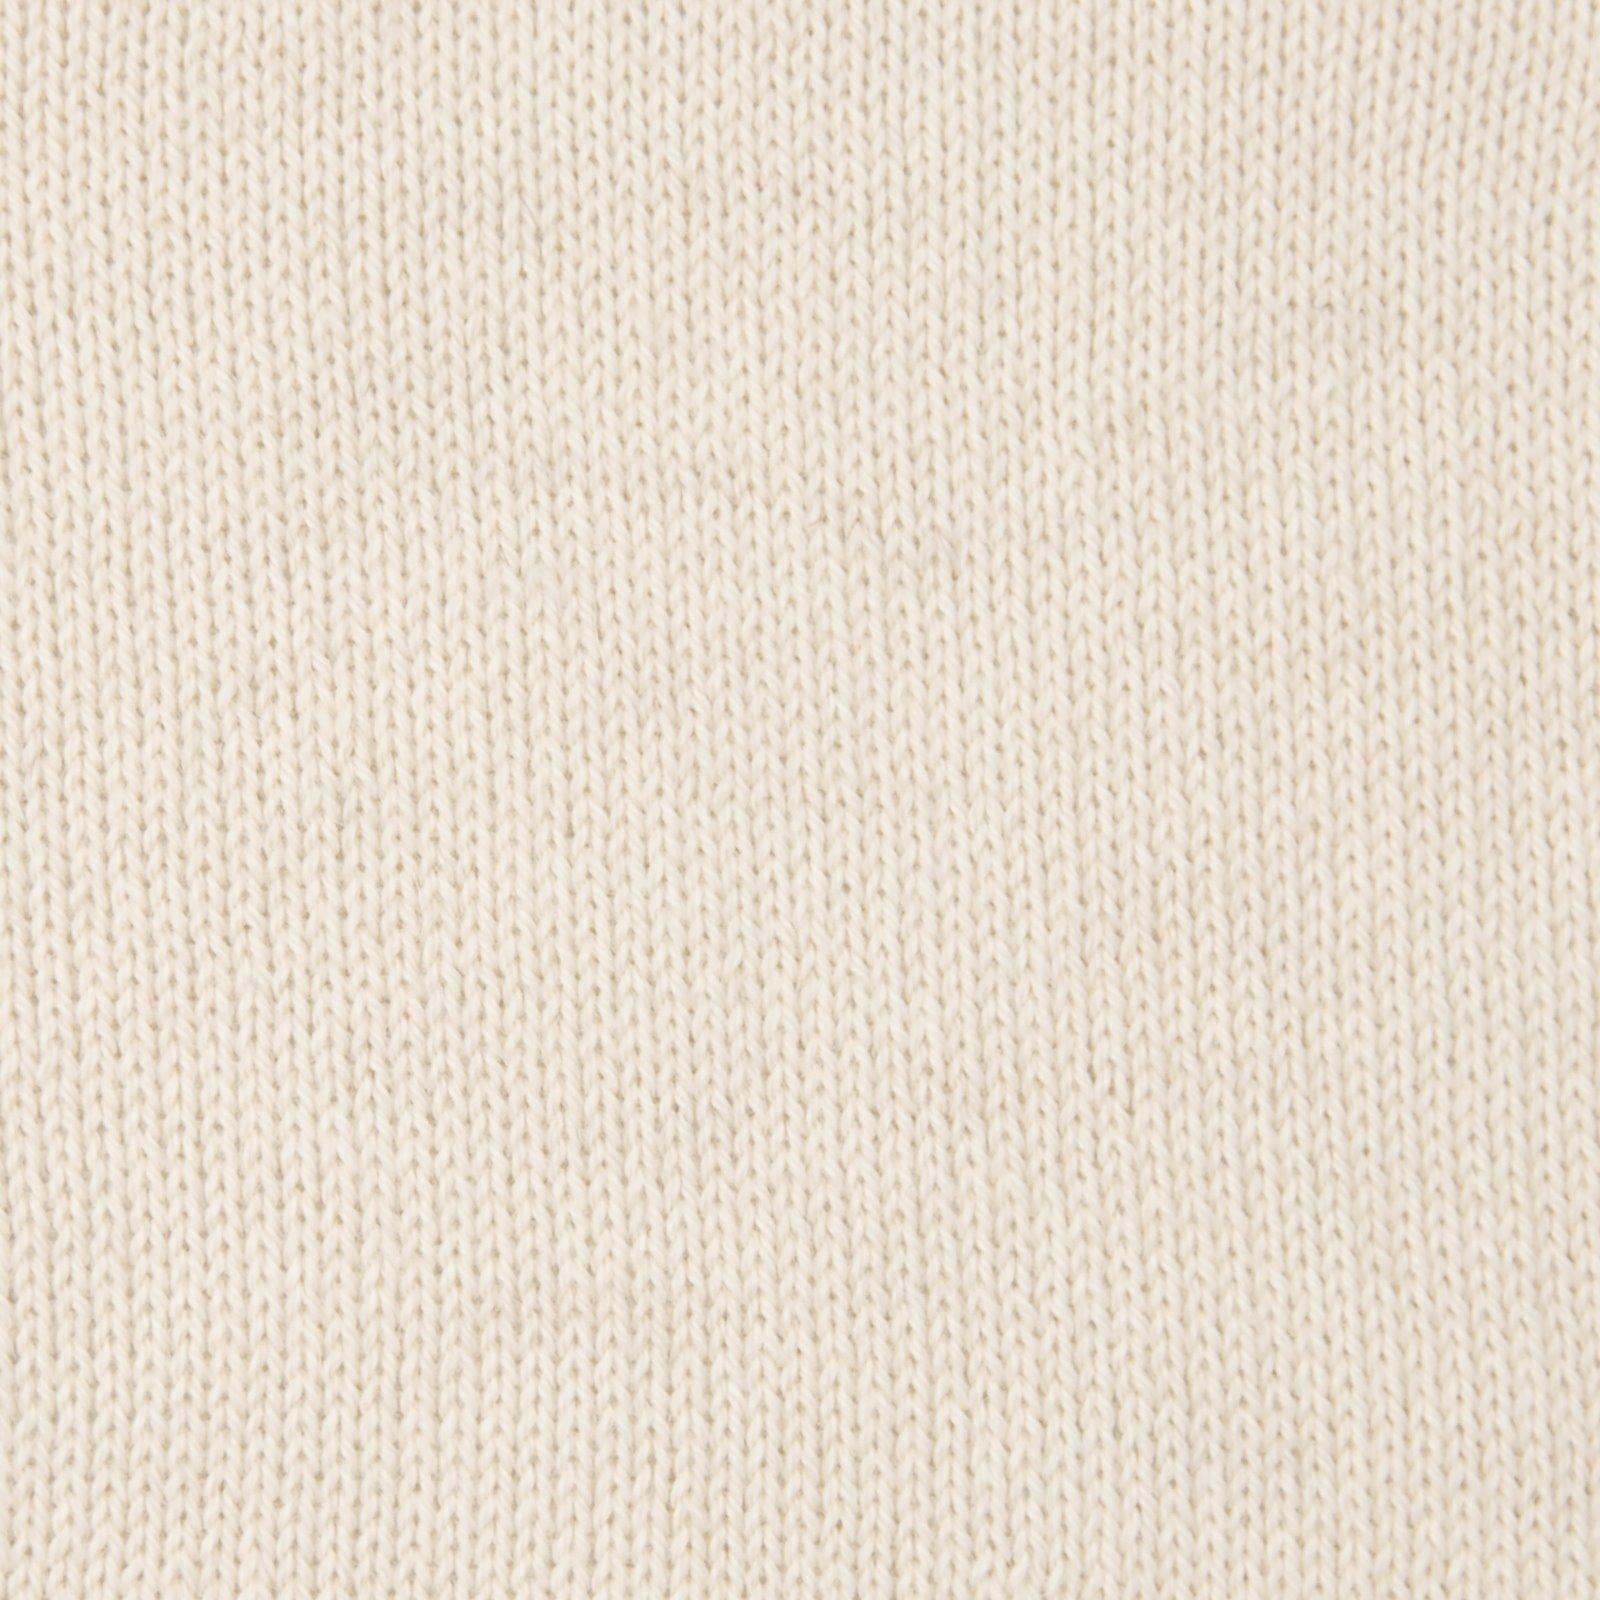 Woolly 50g fuchsia 90000077_90000072_90000062_90000064_90000066_90000068_sskit